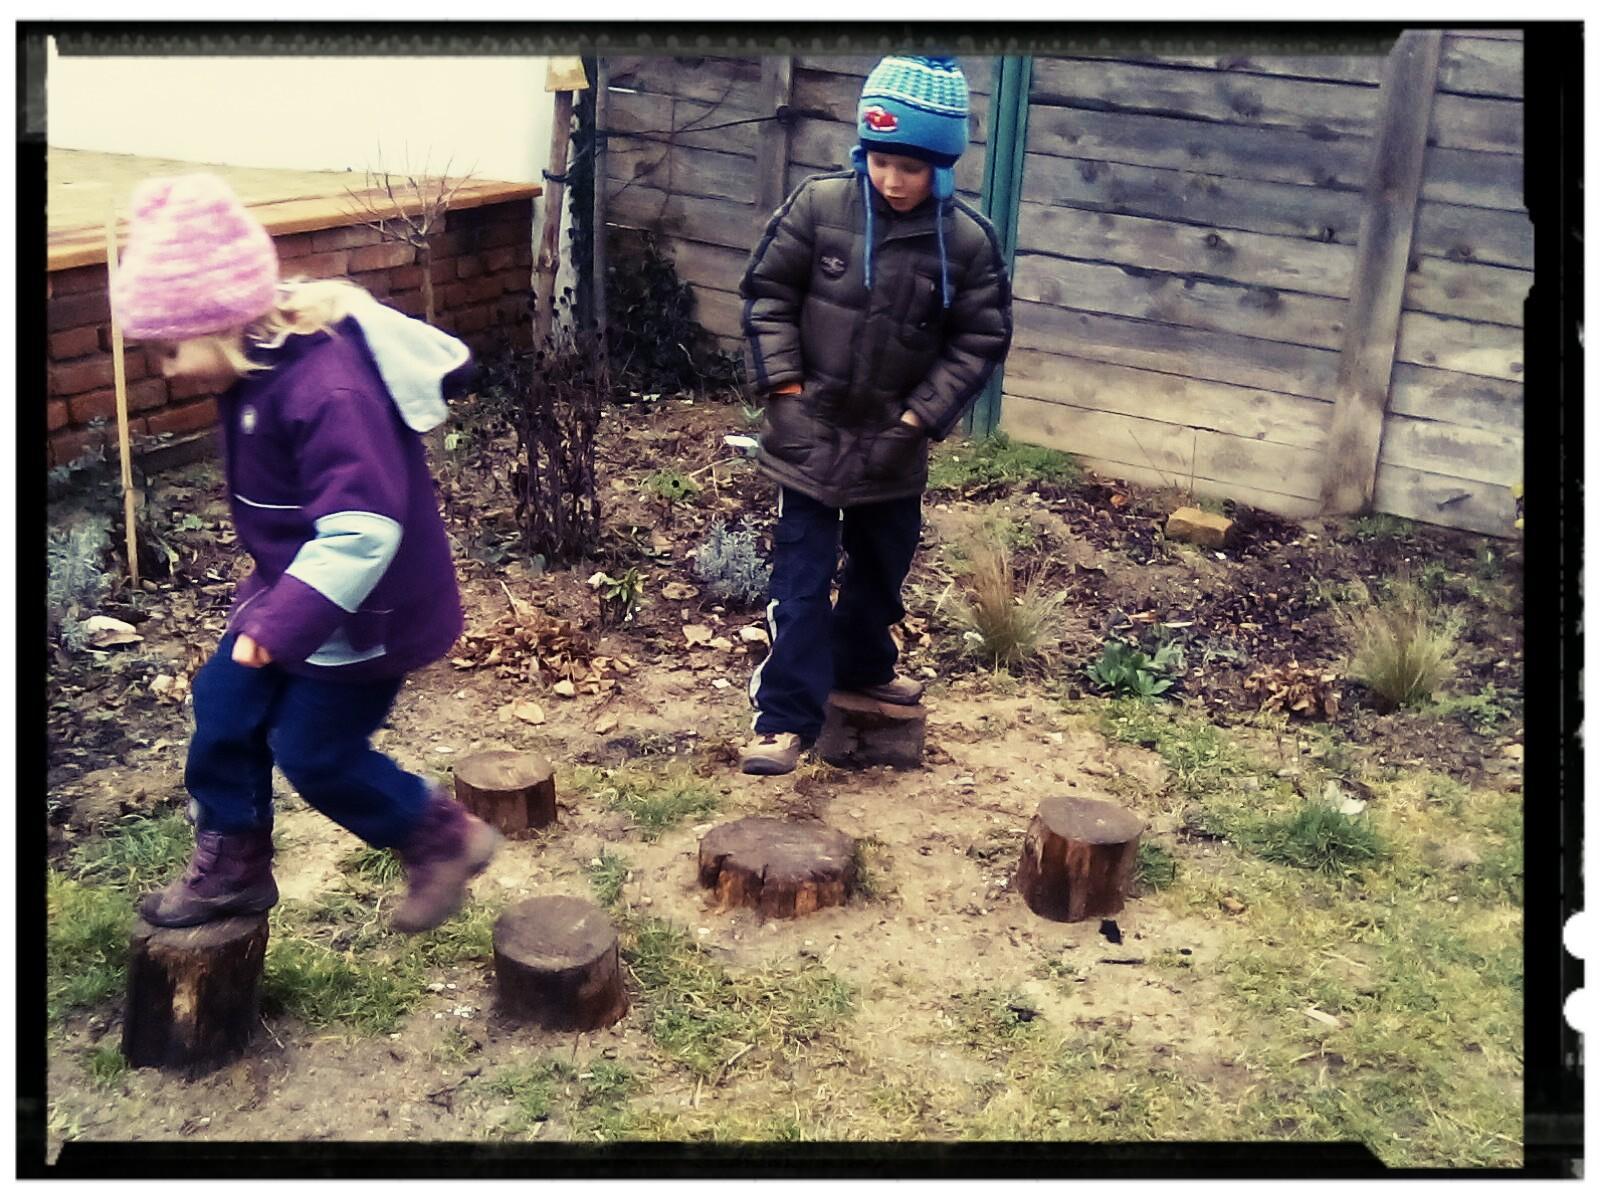 Pribeh jednej terasy a vidieckej zahrady 2015 - Zimna praca na zahrade priniesla ovocie, dreveny prvok pre deti vyuzijeme pocas celeho roka